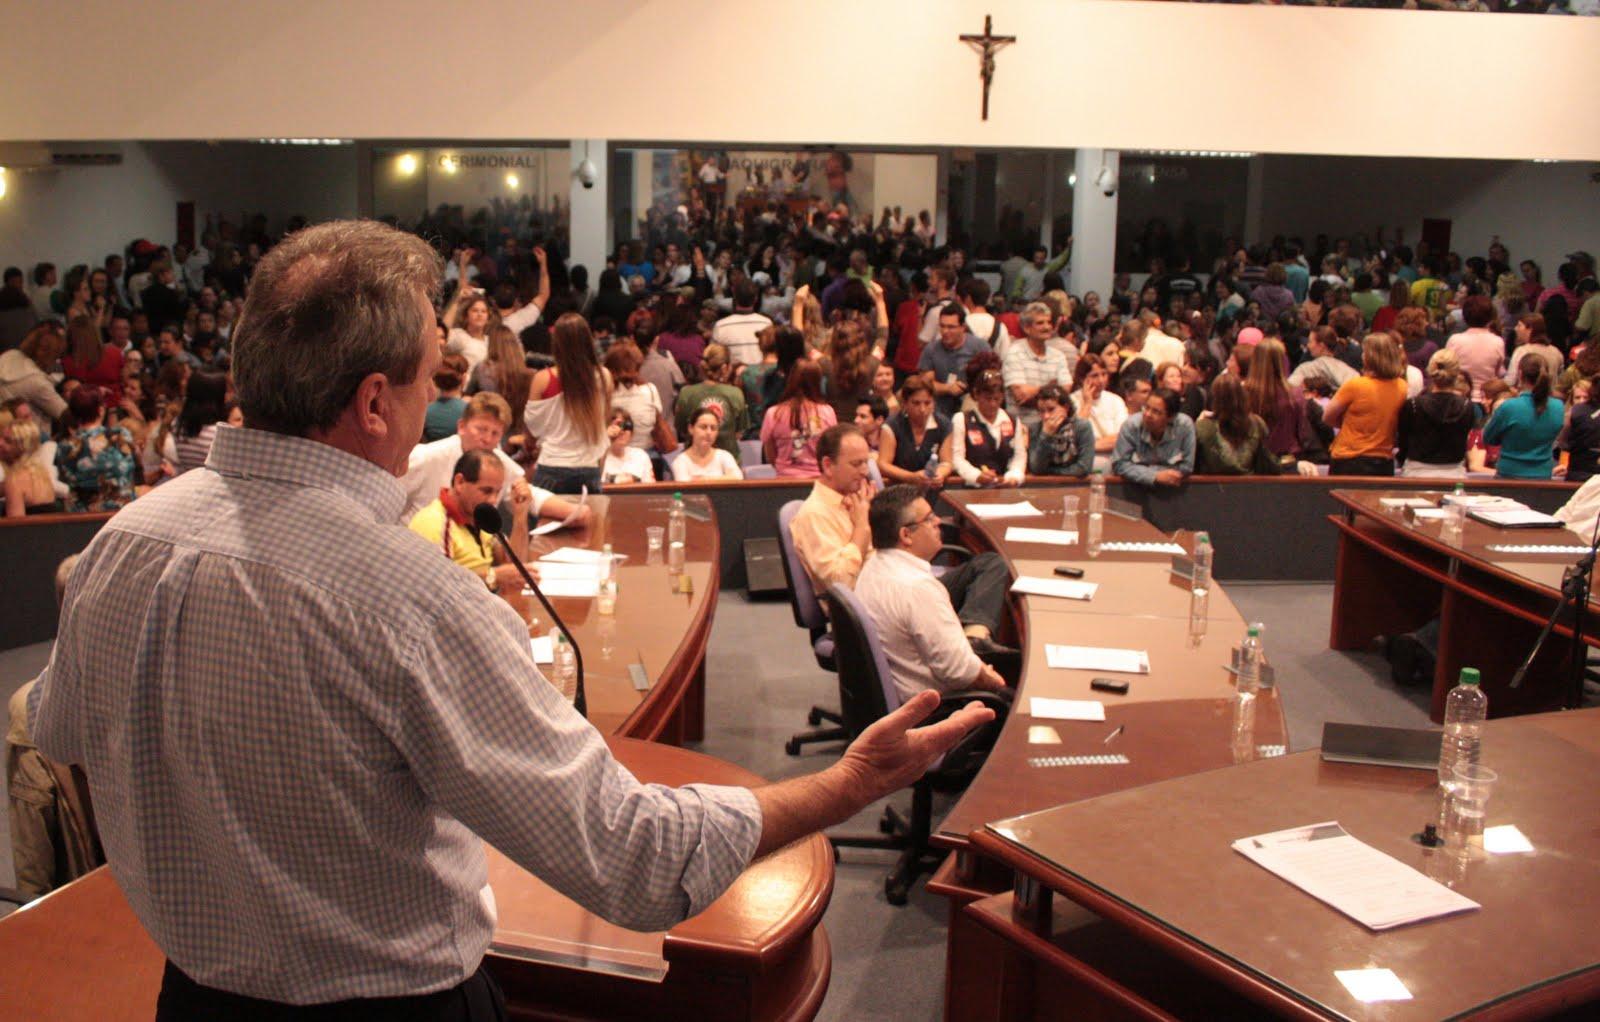 Em Joinville (SC), sob protestos, plano municipal de educação é aprovado